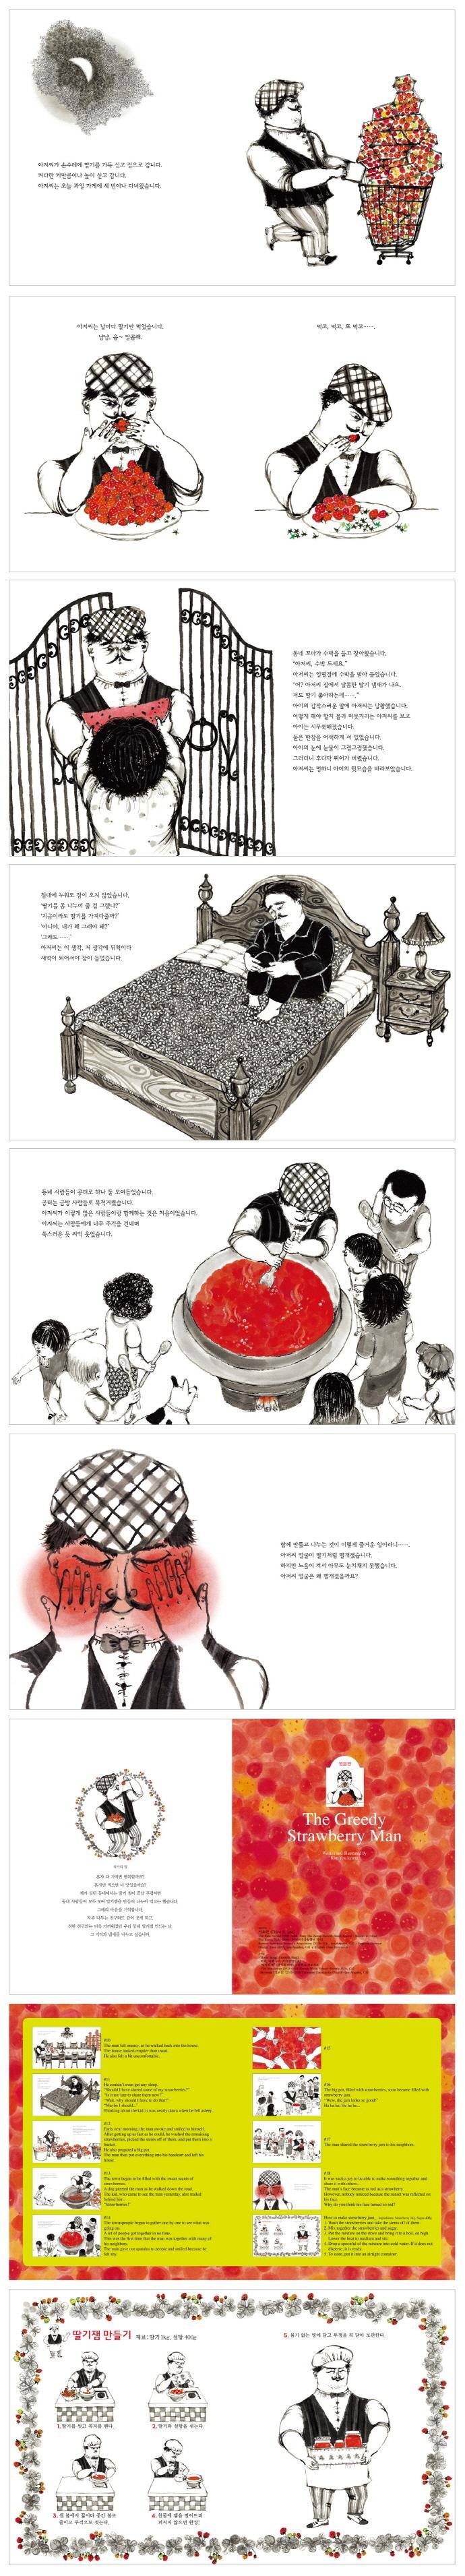 욕심쟁이 딸기 아저씨(초등학생을 위한)(노란돼지 창작그림책 38)(양장본 HardCover) 도서 상세이미지